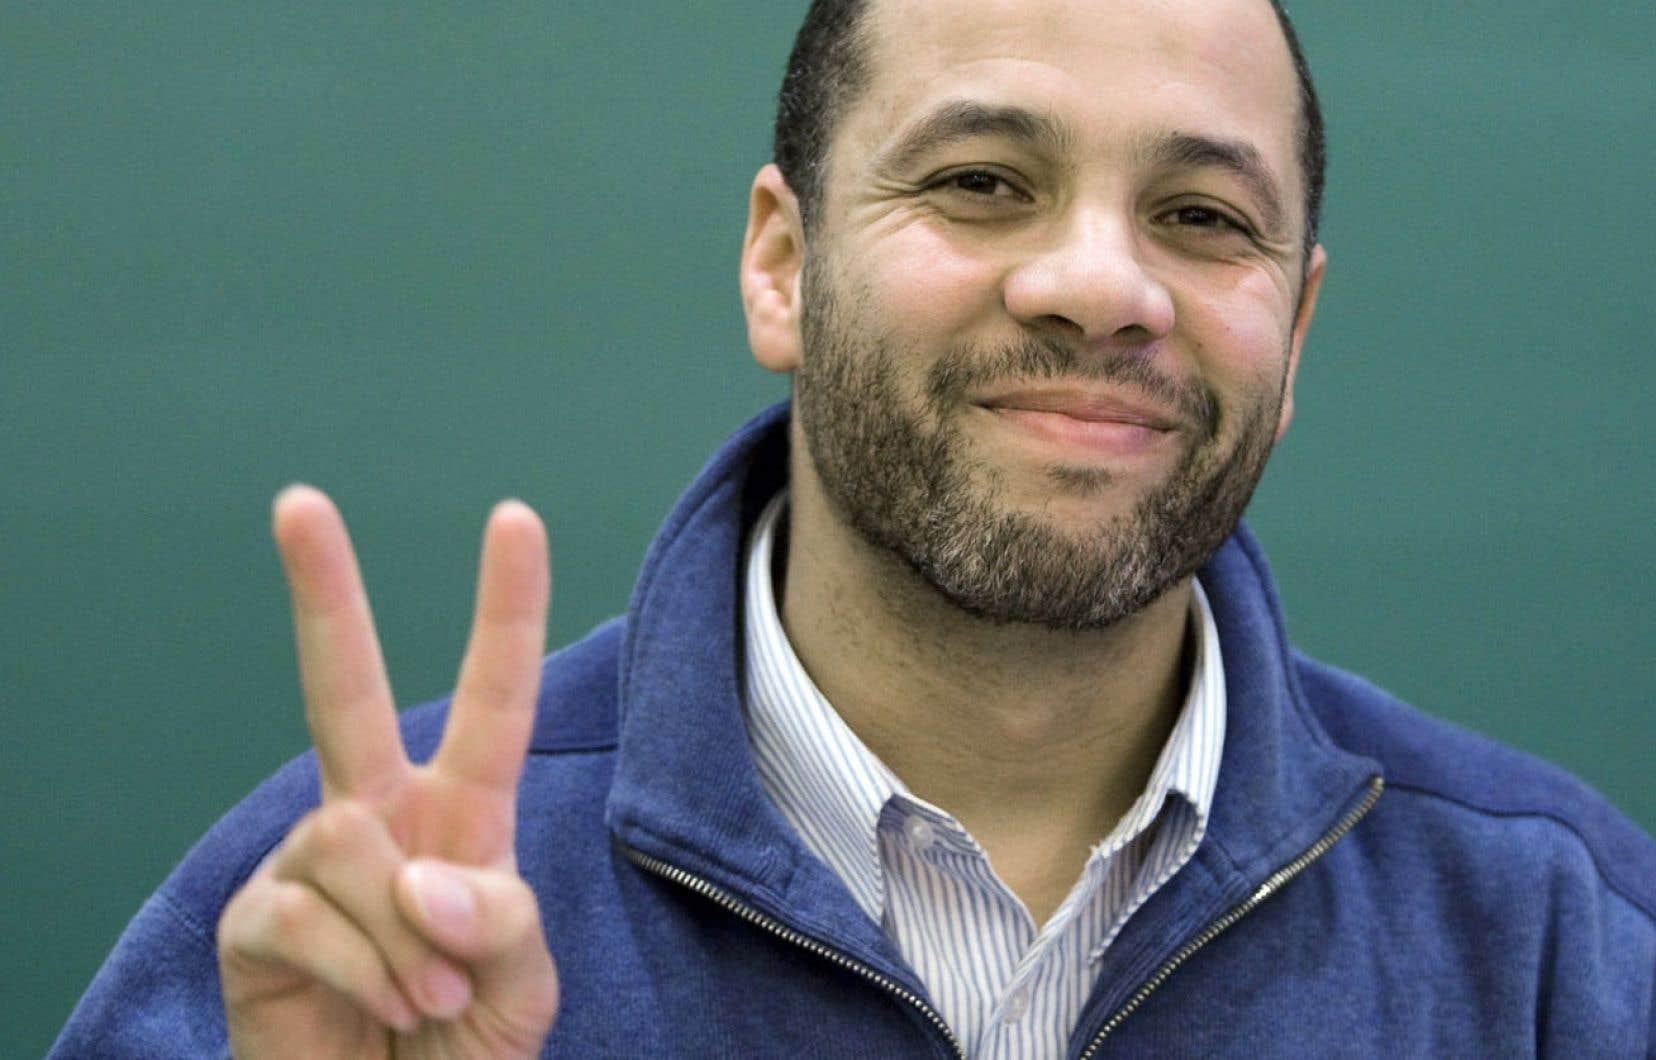 Adil Charkaoui montre un signe de victoire en 2009 alors que son avocate et lui ont réussi à faire invalider les deux certificats de sécurité lancés contre lui par le ministre de l'Immigration.